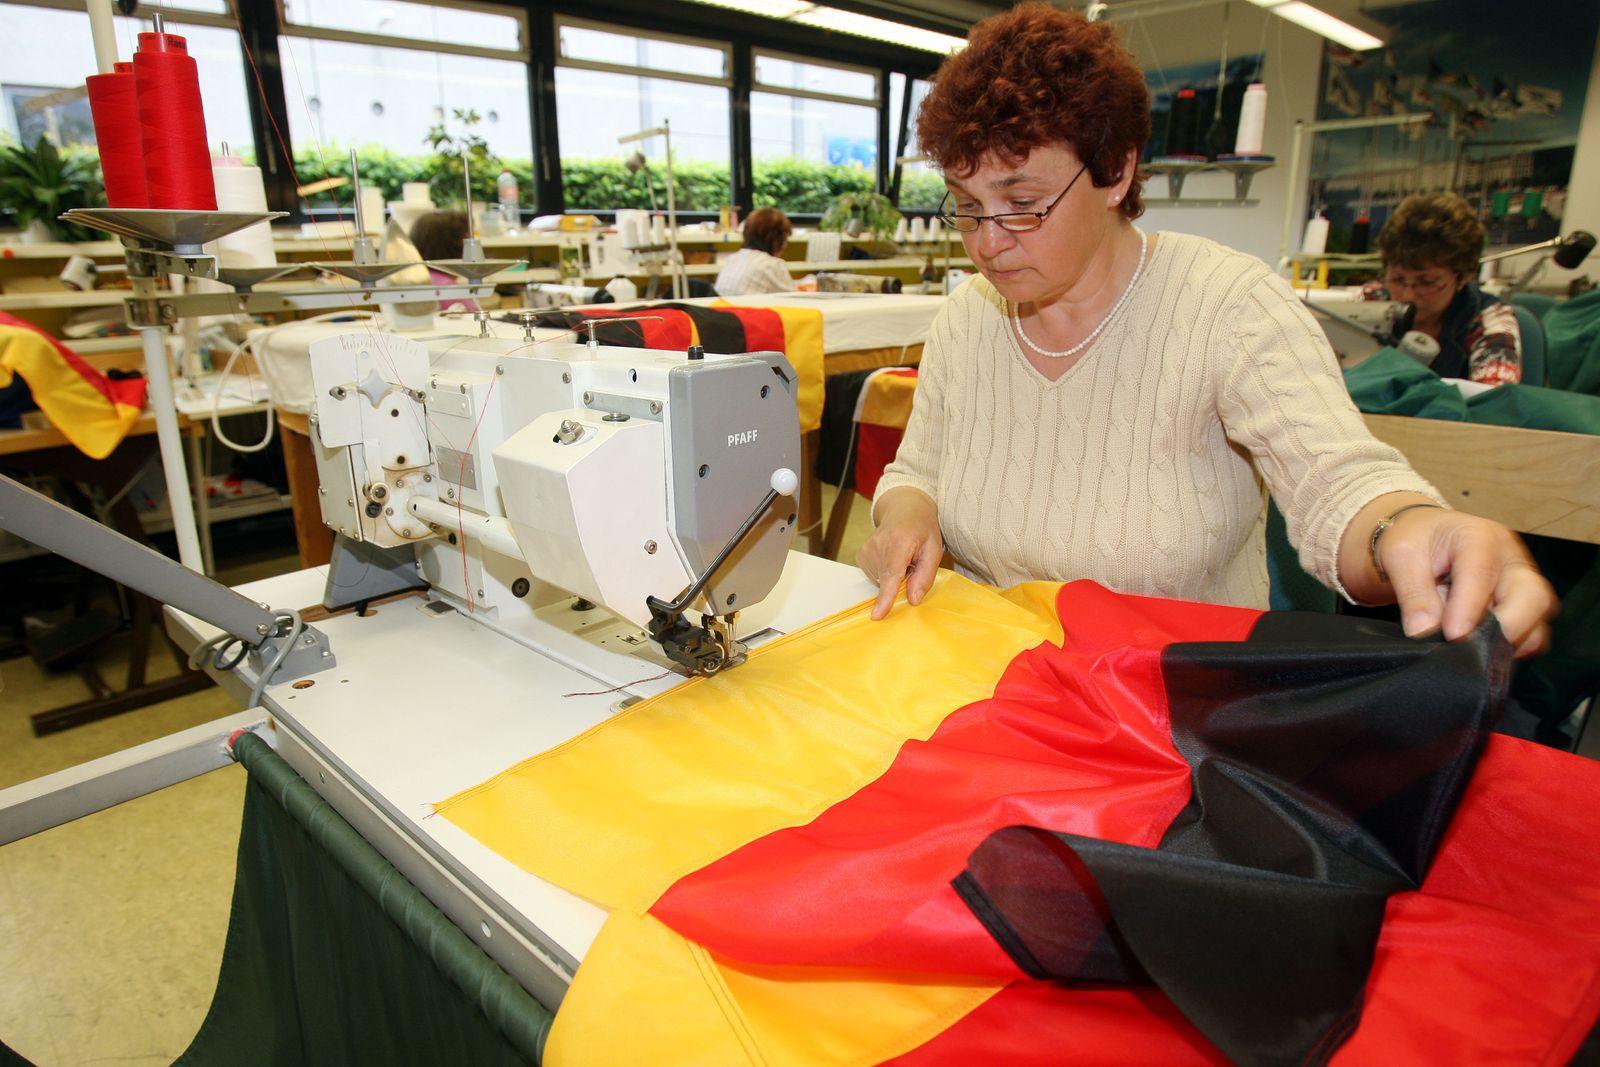 WM 2010 / Deutschlandflagge / FahnenFleck / Fahnenproduktion